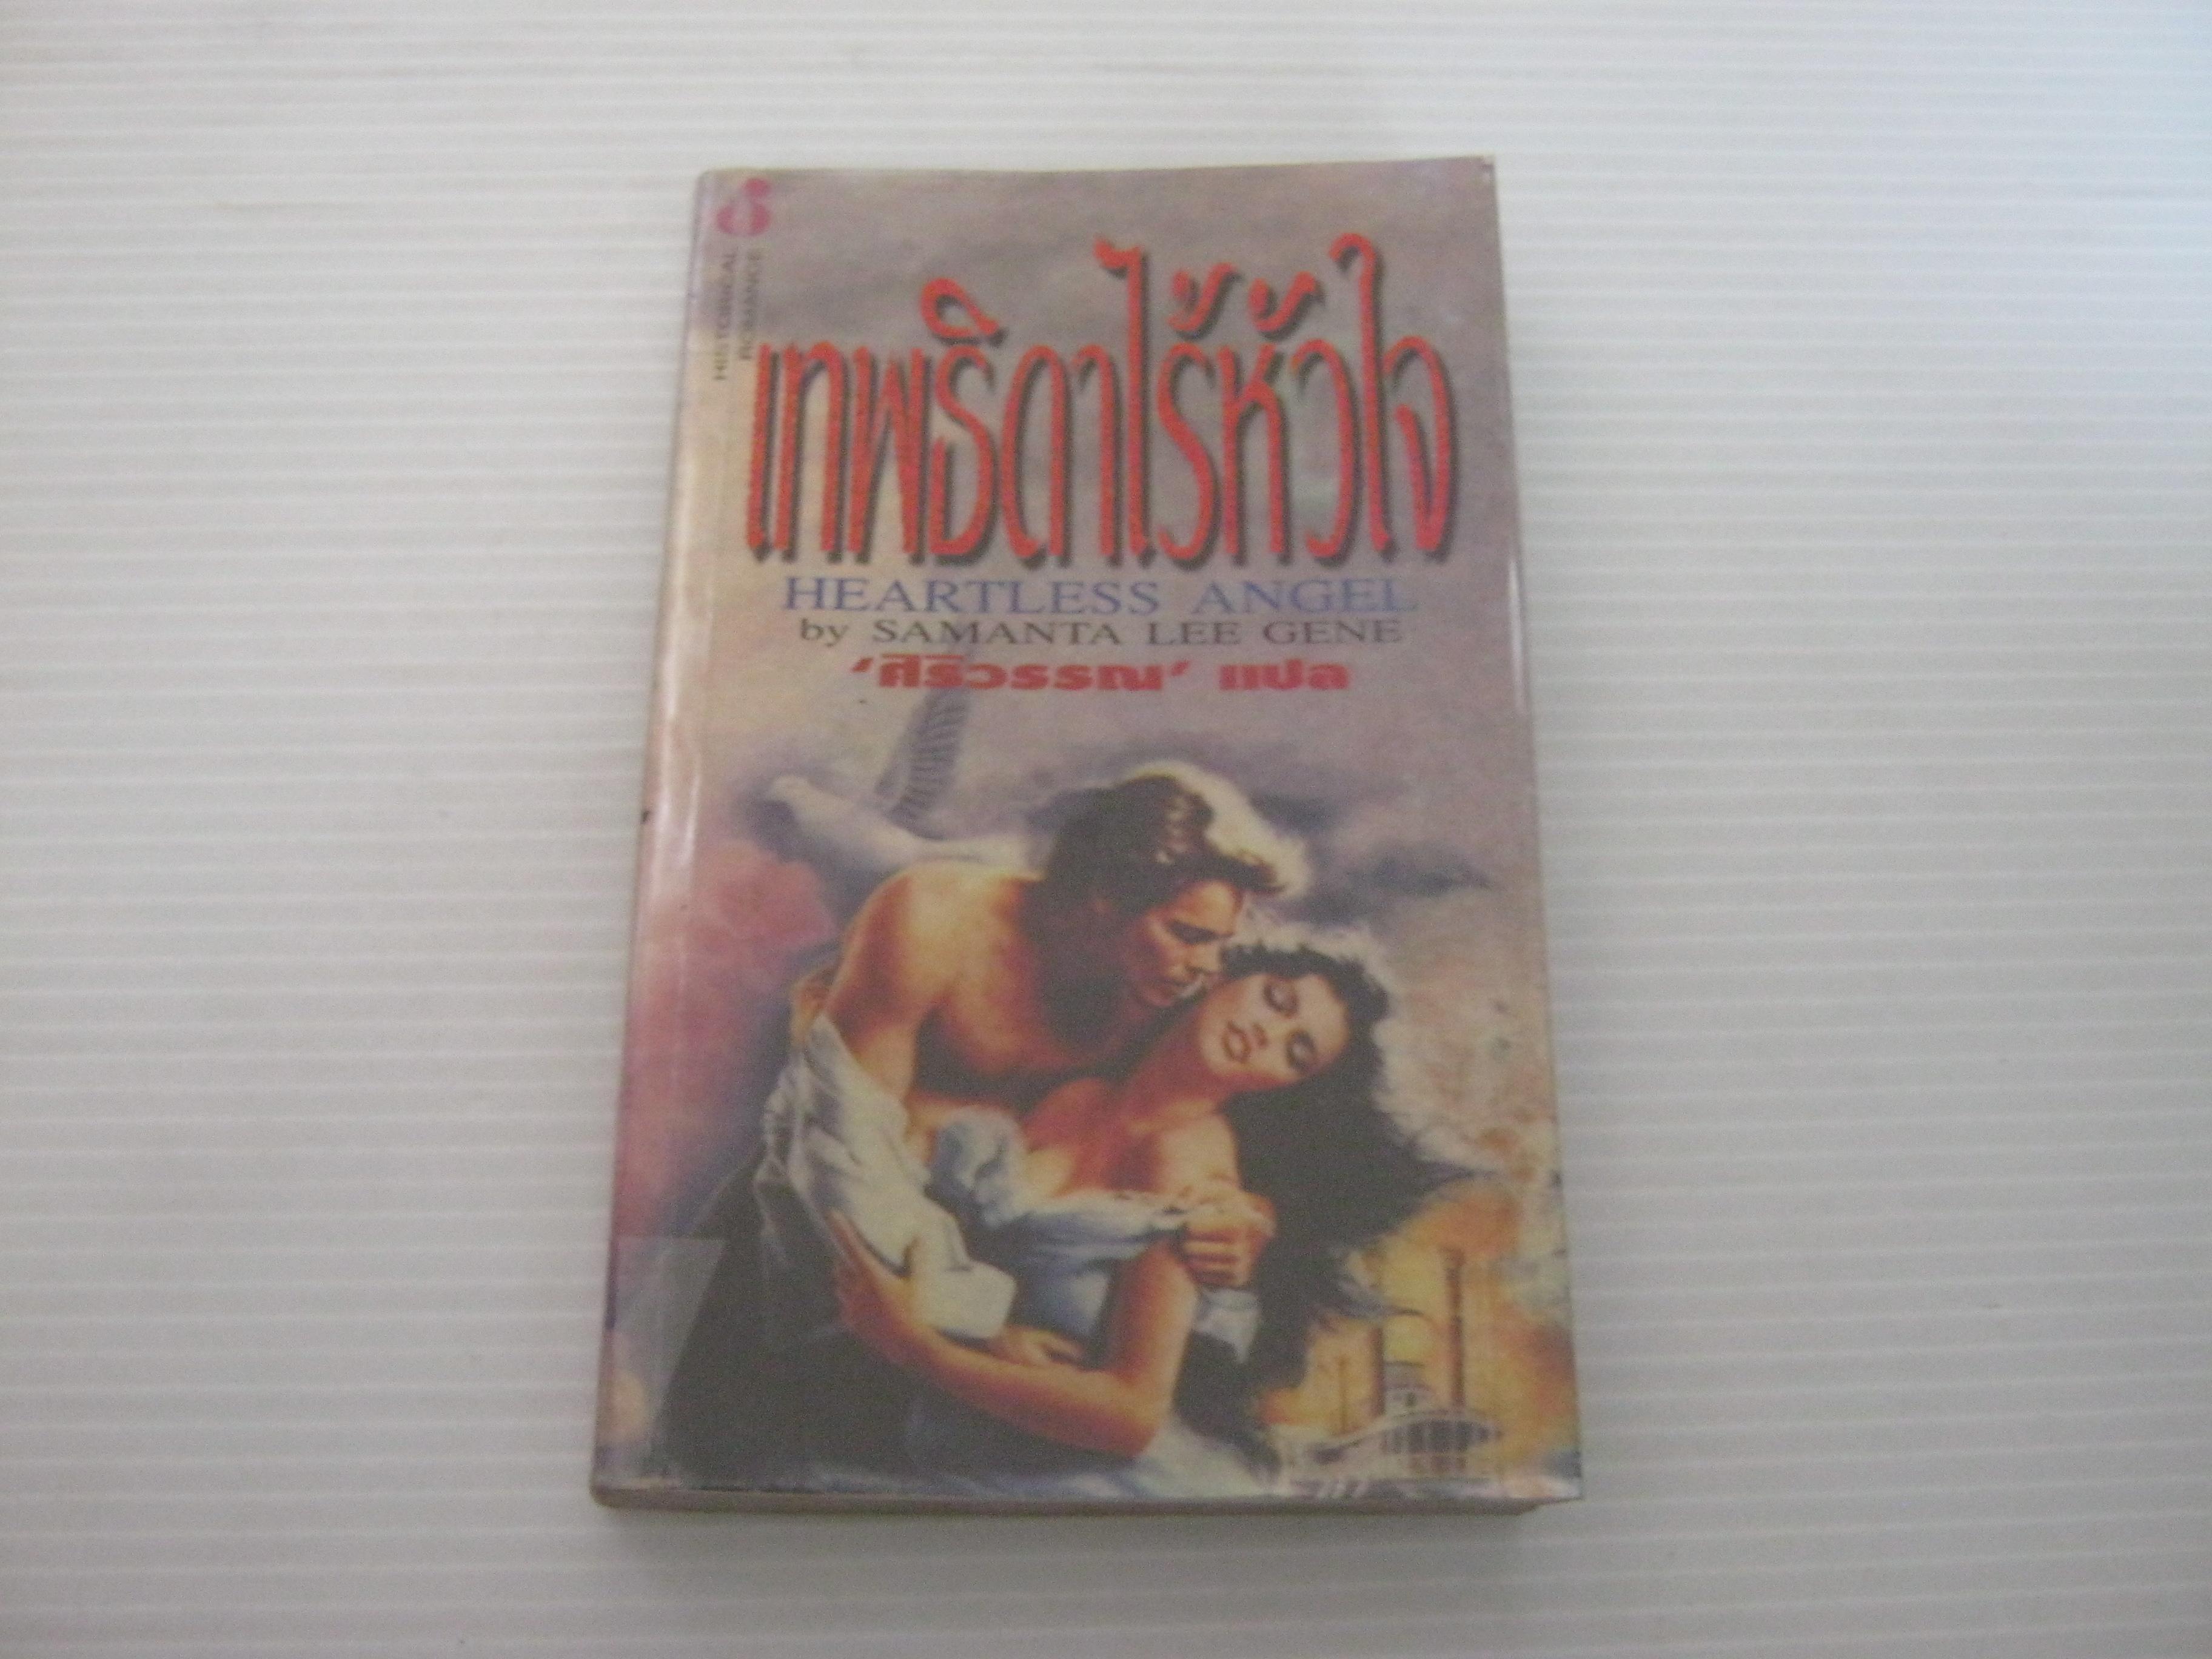 เทพธิดาไร้หัวใจ (Heartless Angel) Samanta Lee Gene เขียน ศิริวรรณ แปล